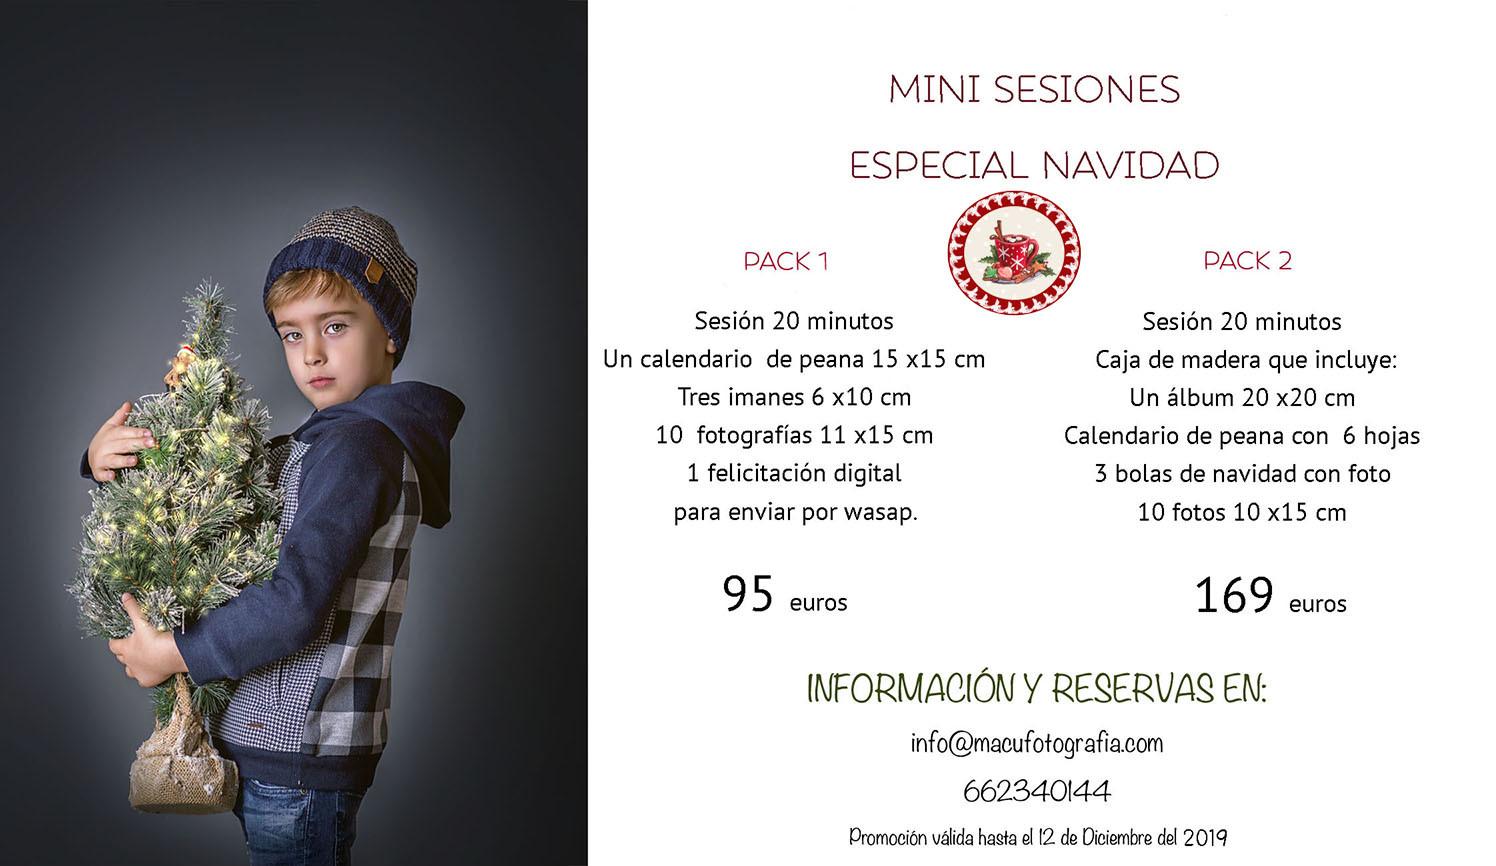 fotografia web-de-navidad-macu-ramos-fotografia-en-requena-valencia-1